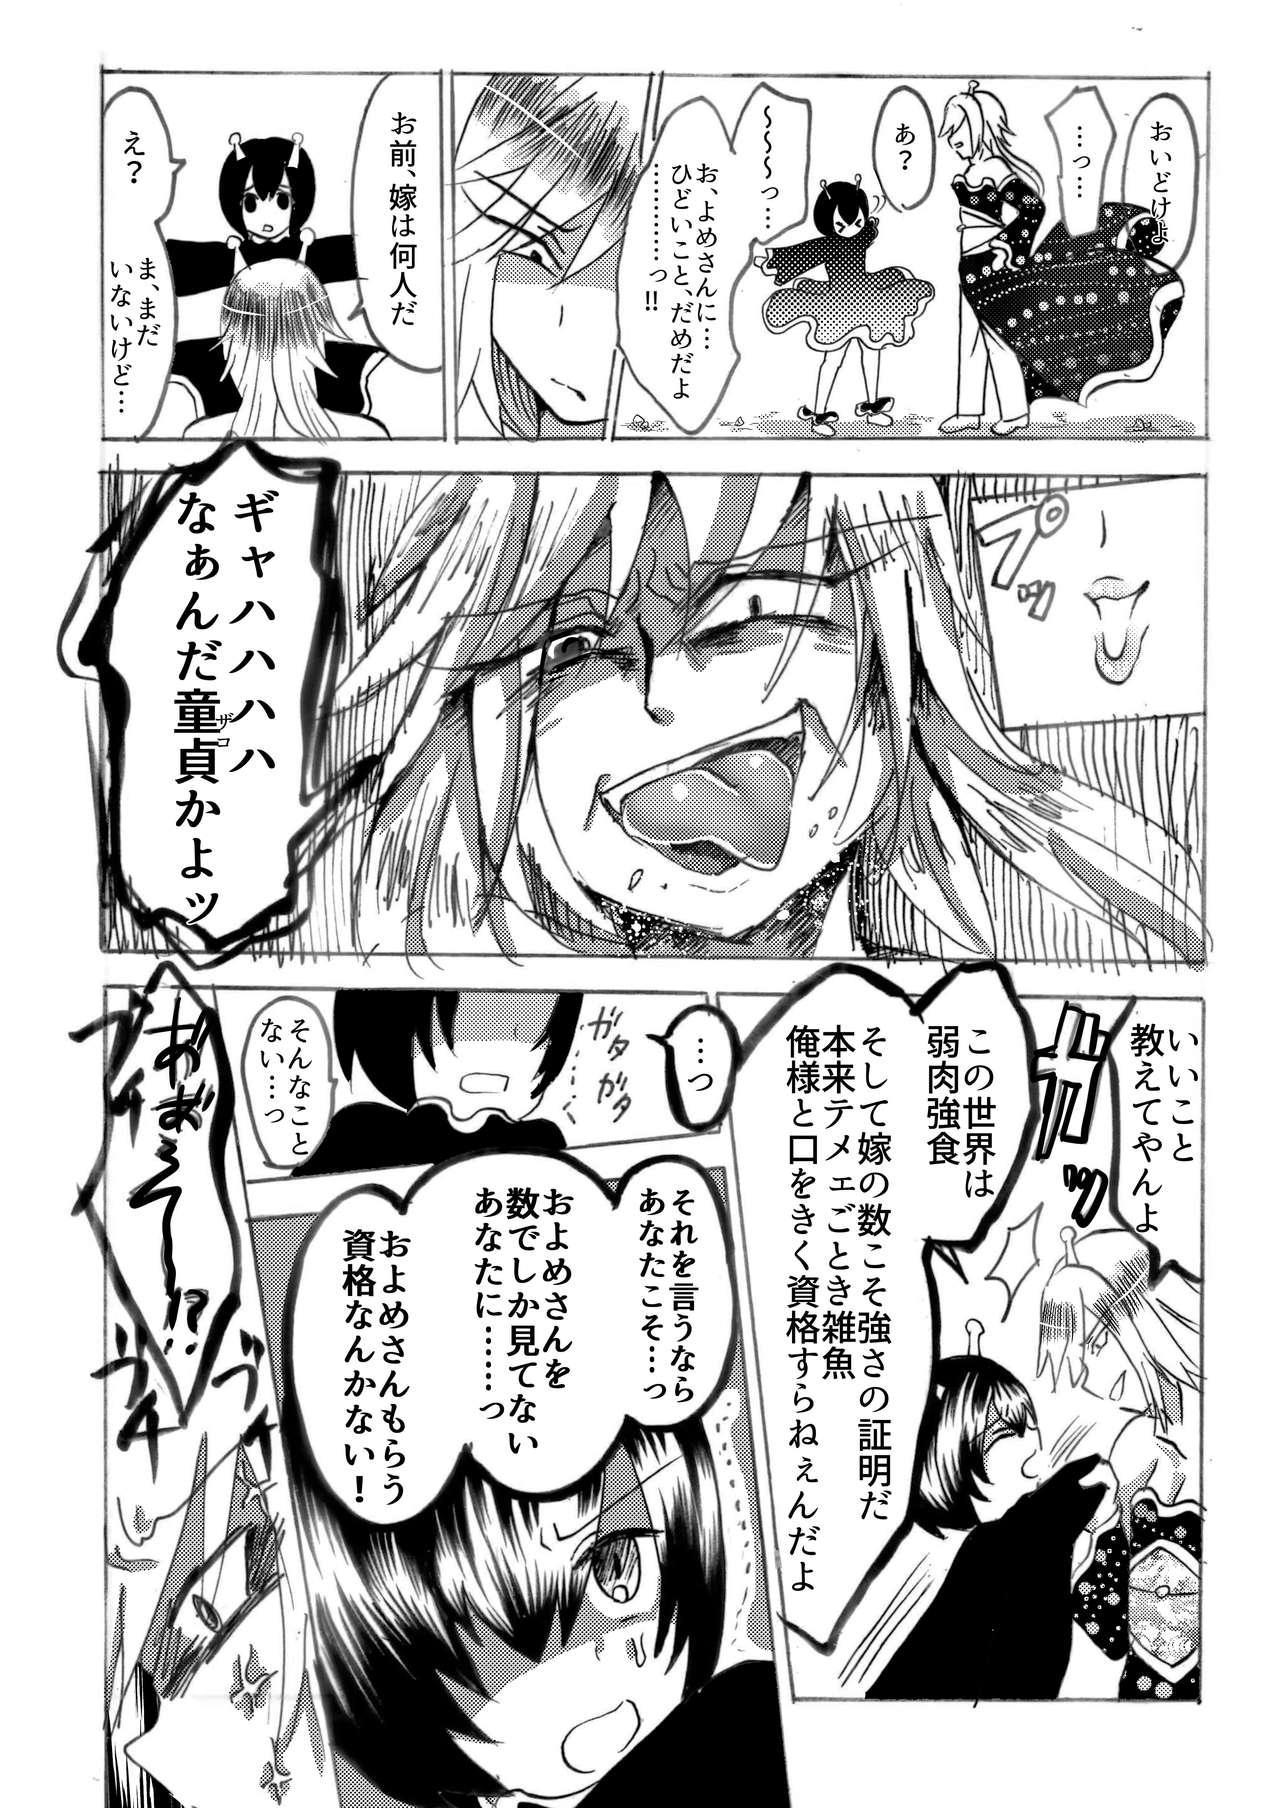 Hira-zoku no Hanashi 8